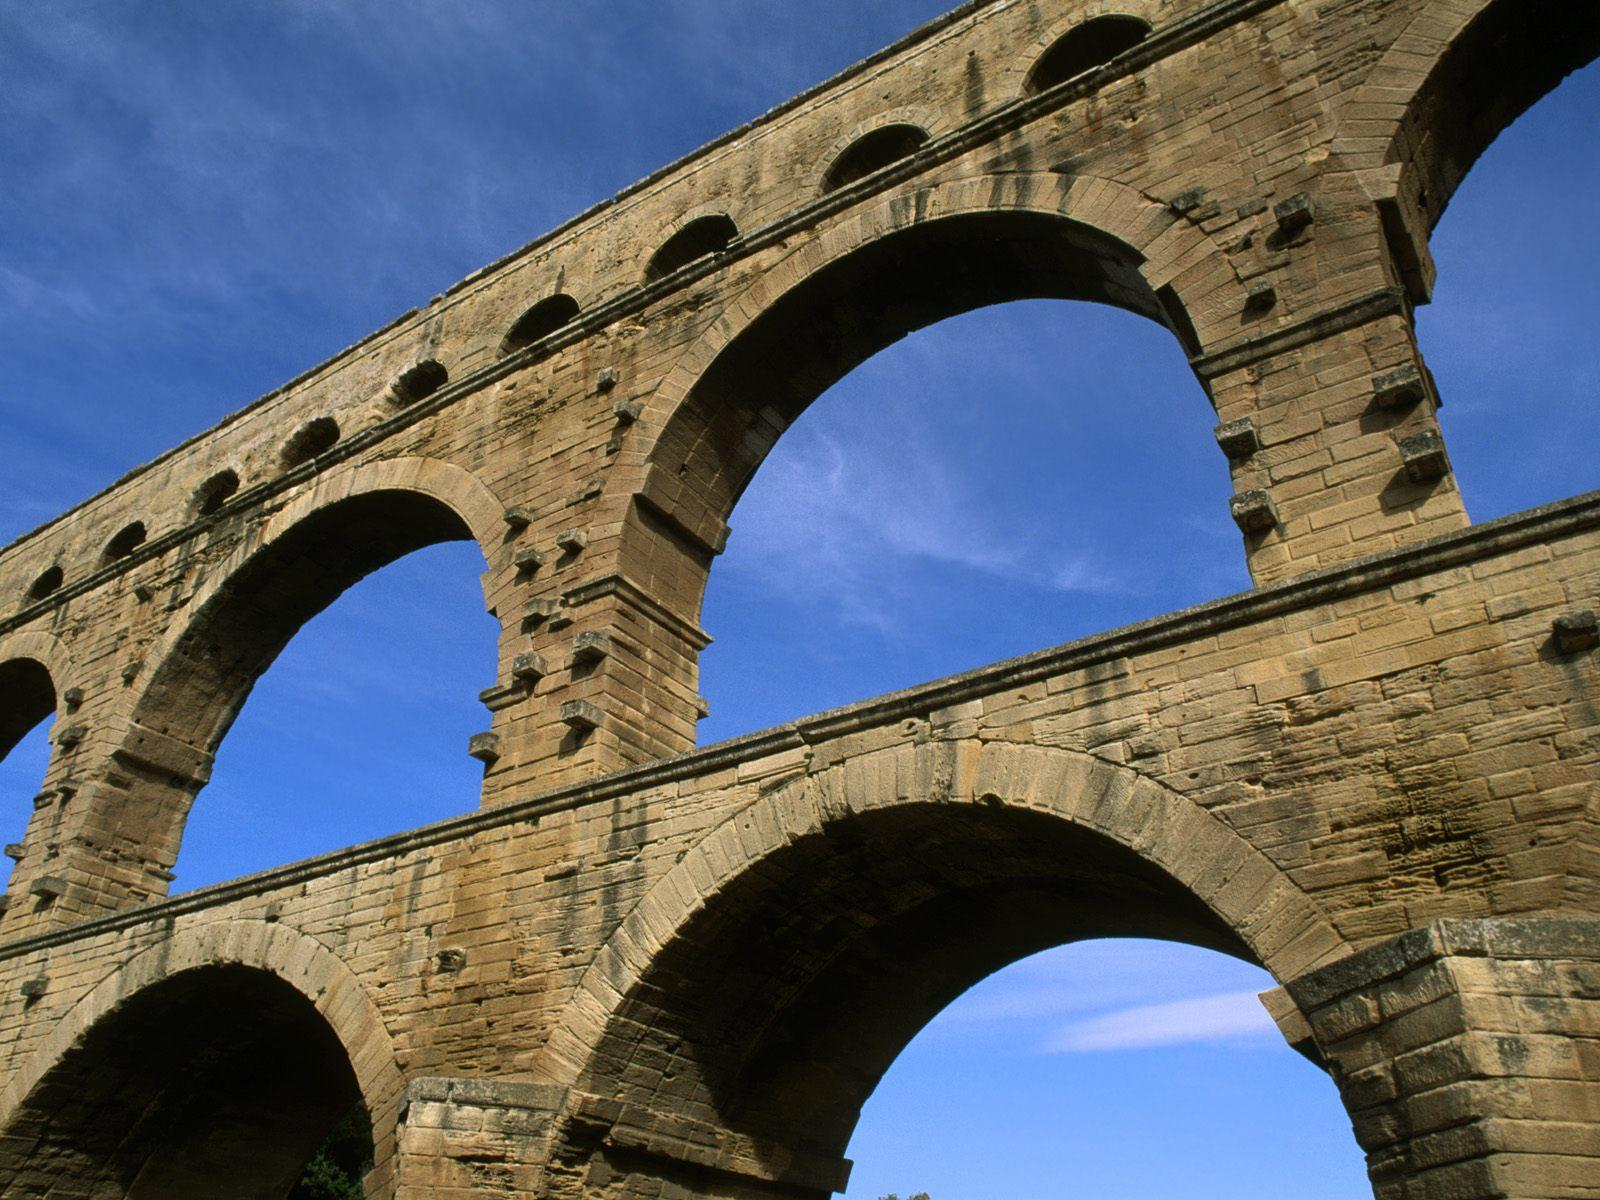 Roman Aqueduct Nimes France 1600x1200 1600 x 1200 PictureRoman Aqueduct